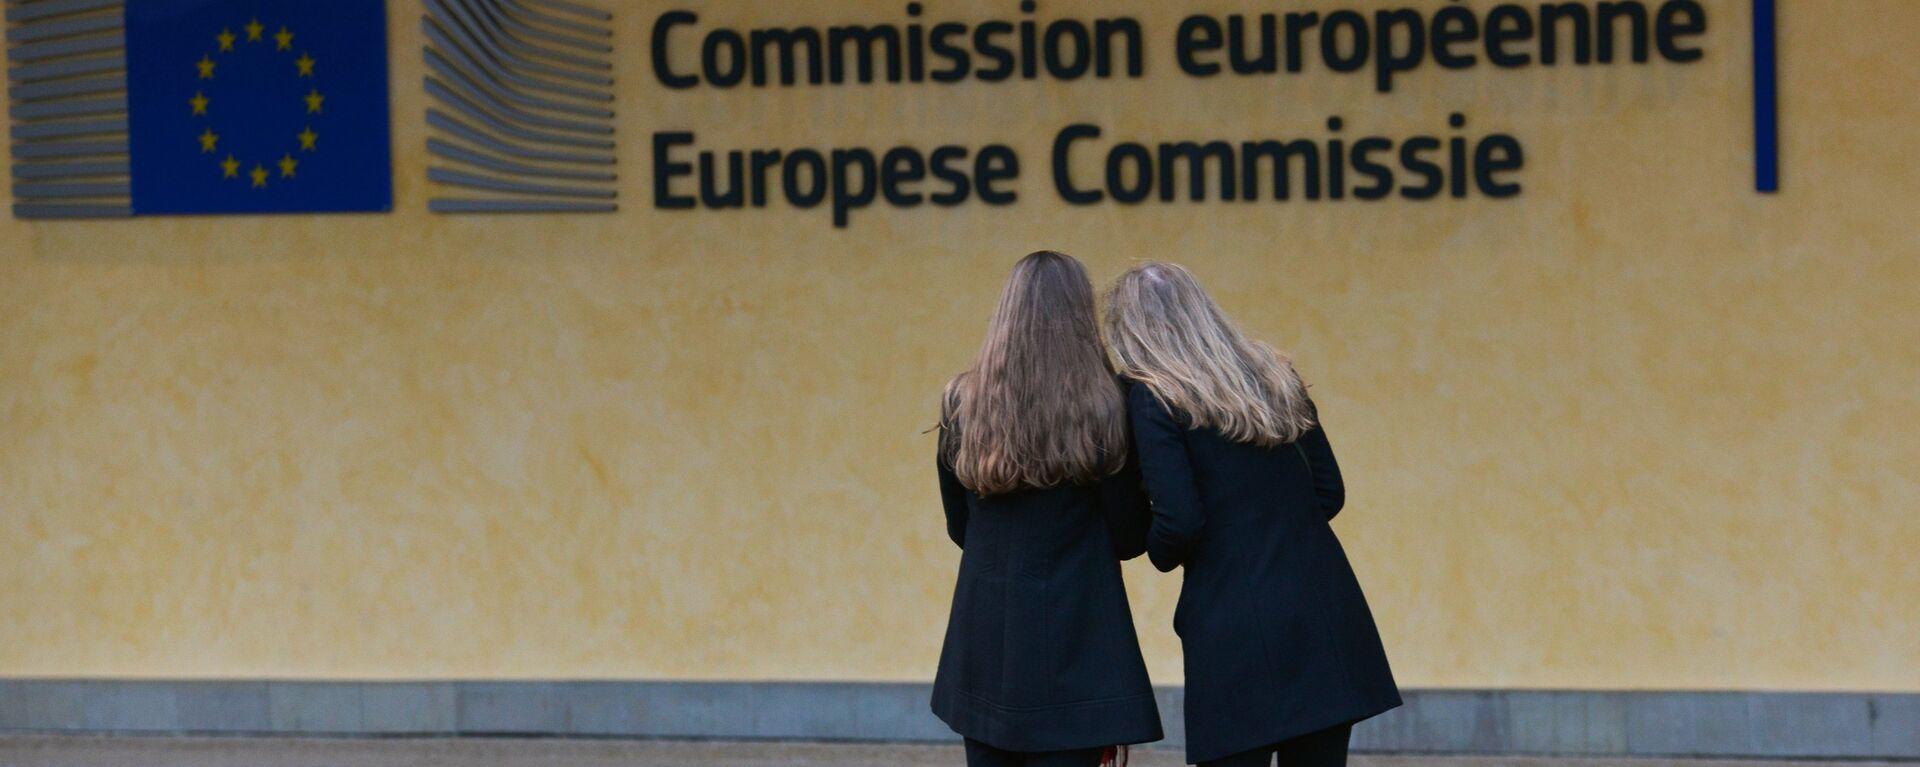 Логотип Евросоюза на здании штаб-квартиры Европейской комиссии в Брюсселе - Sputnik Латвия, 1920, 22.06.2021